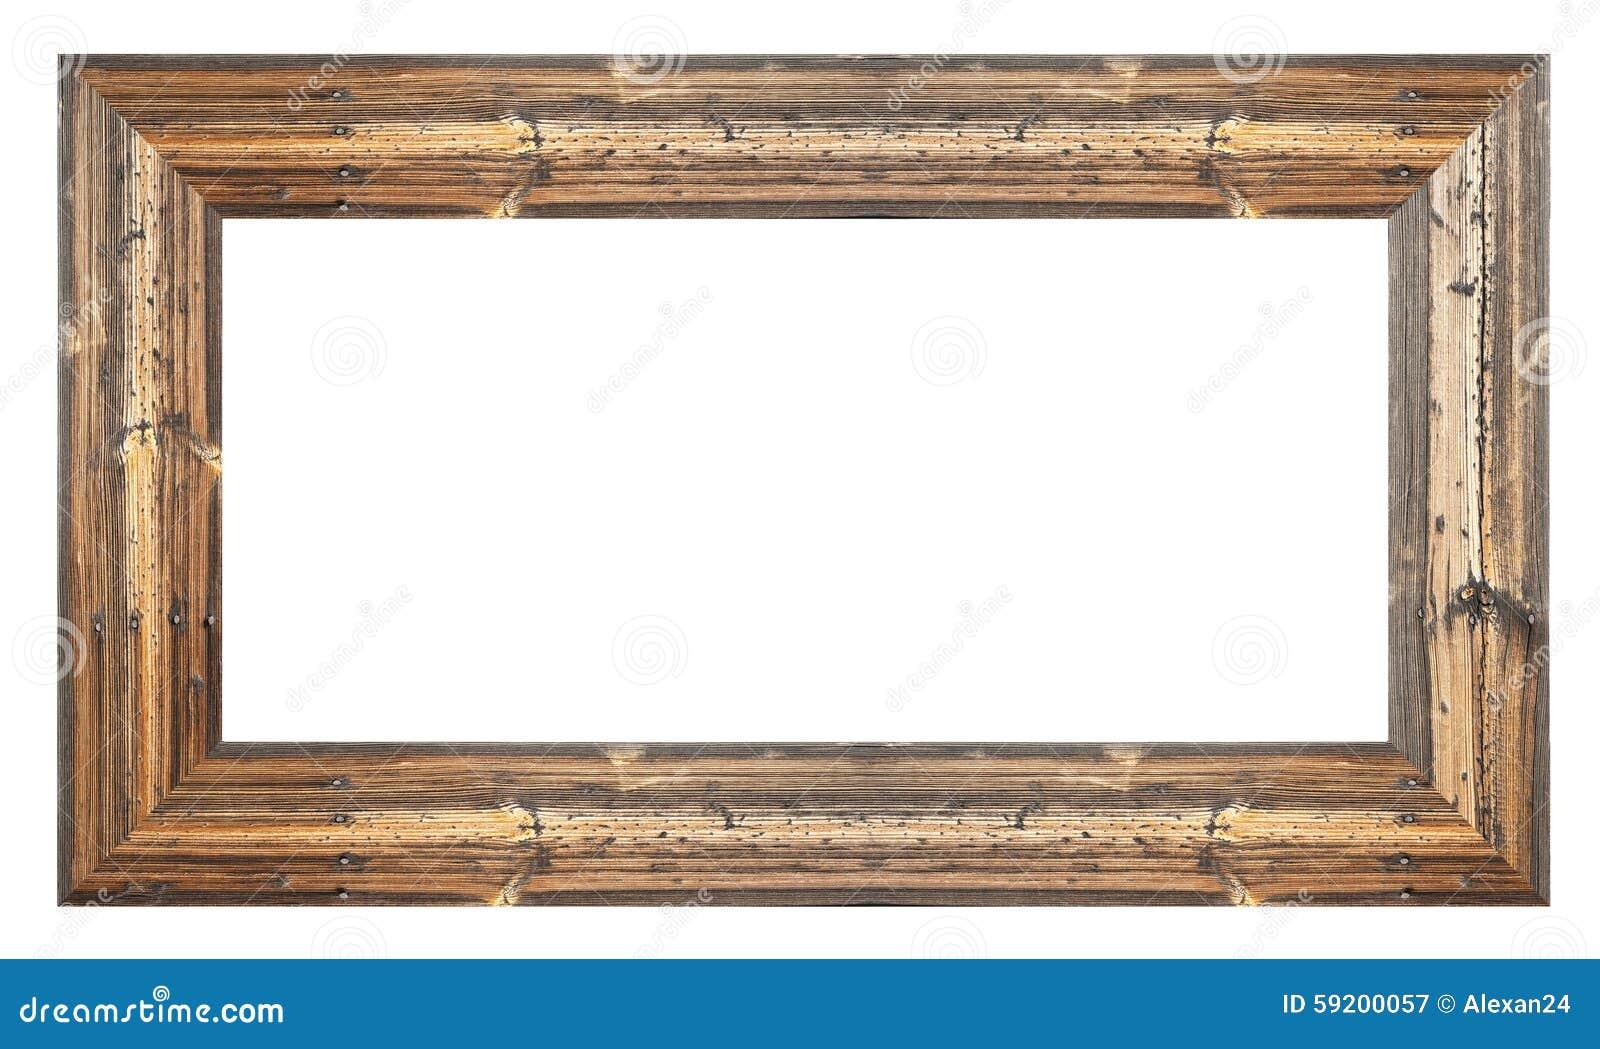 Alter Holzrahmen stockbild. Bild von vorstand, spiegel - 59200057